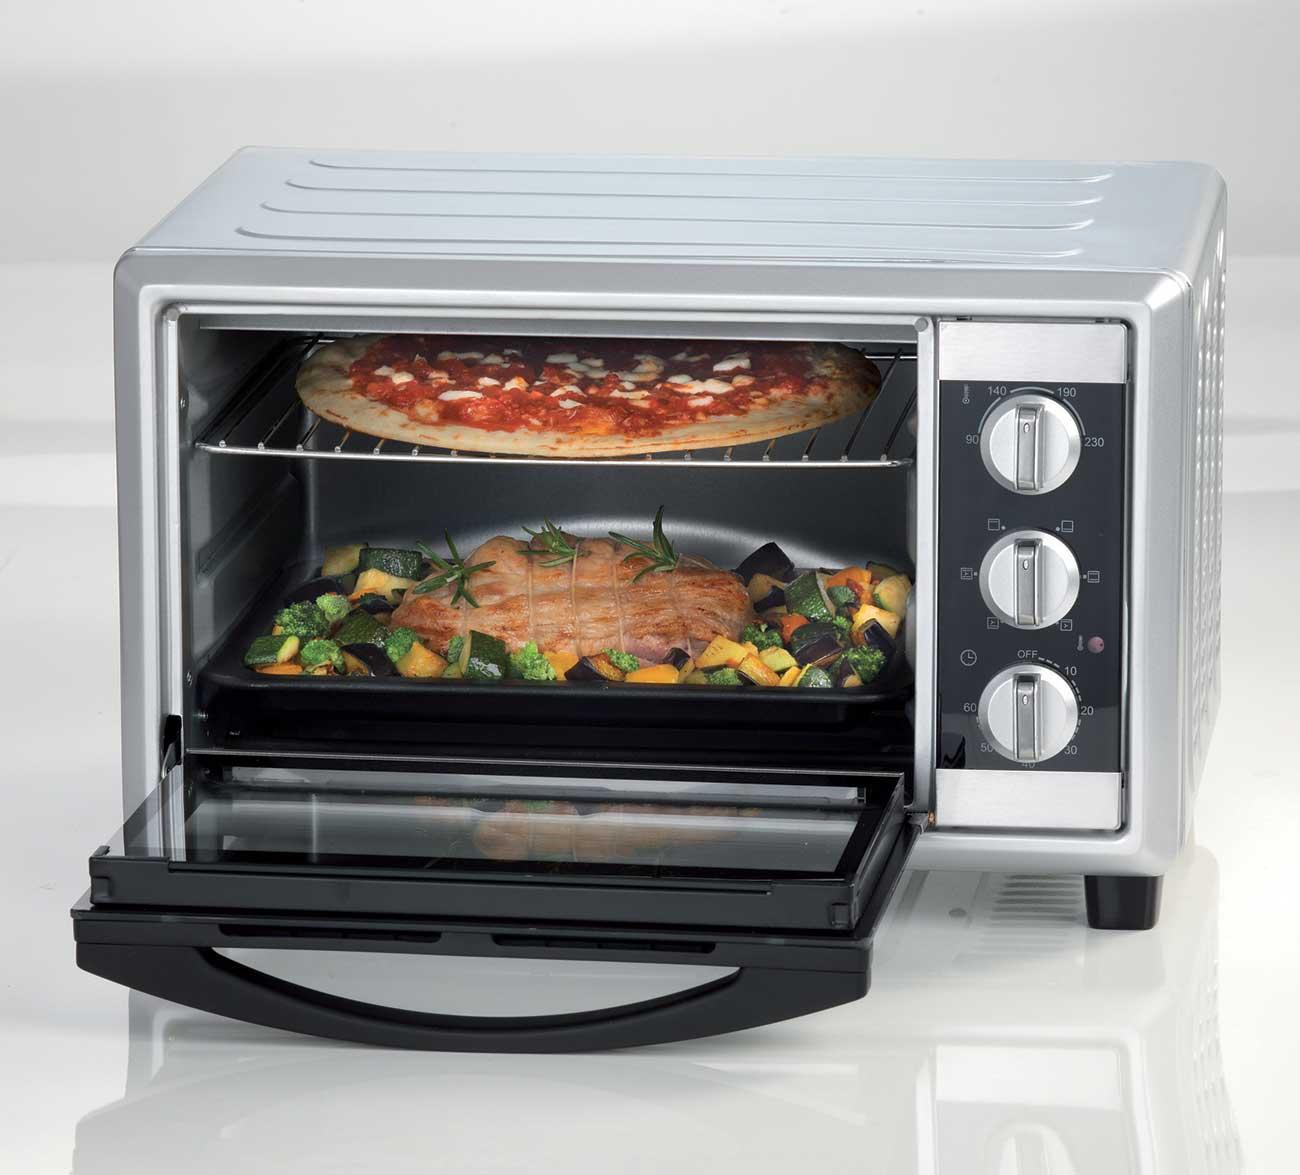 Bon cuisine 300 ariete piccoli elettrodomestici for Ariete bon cuisine 180